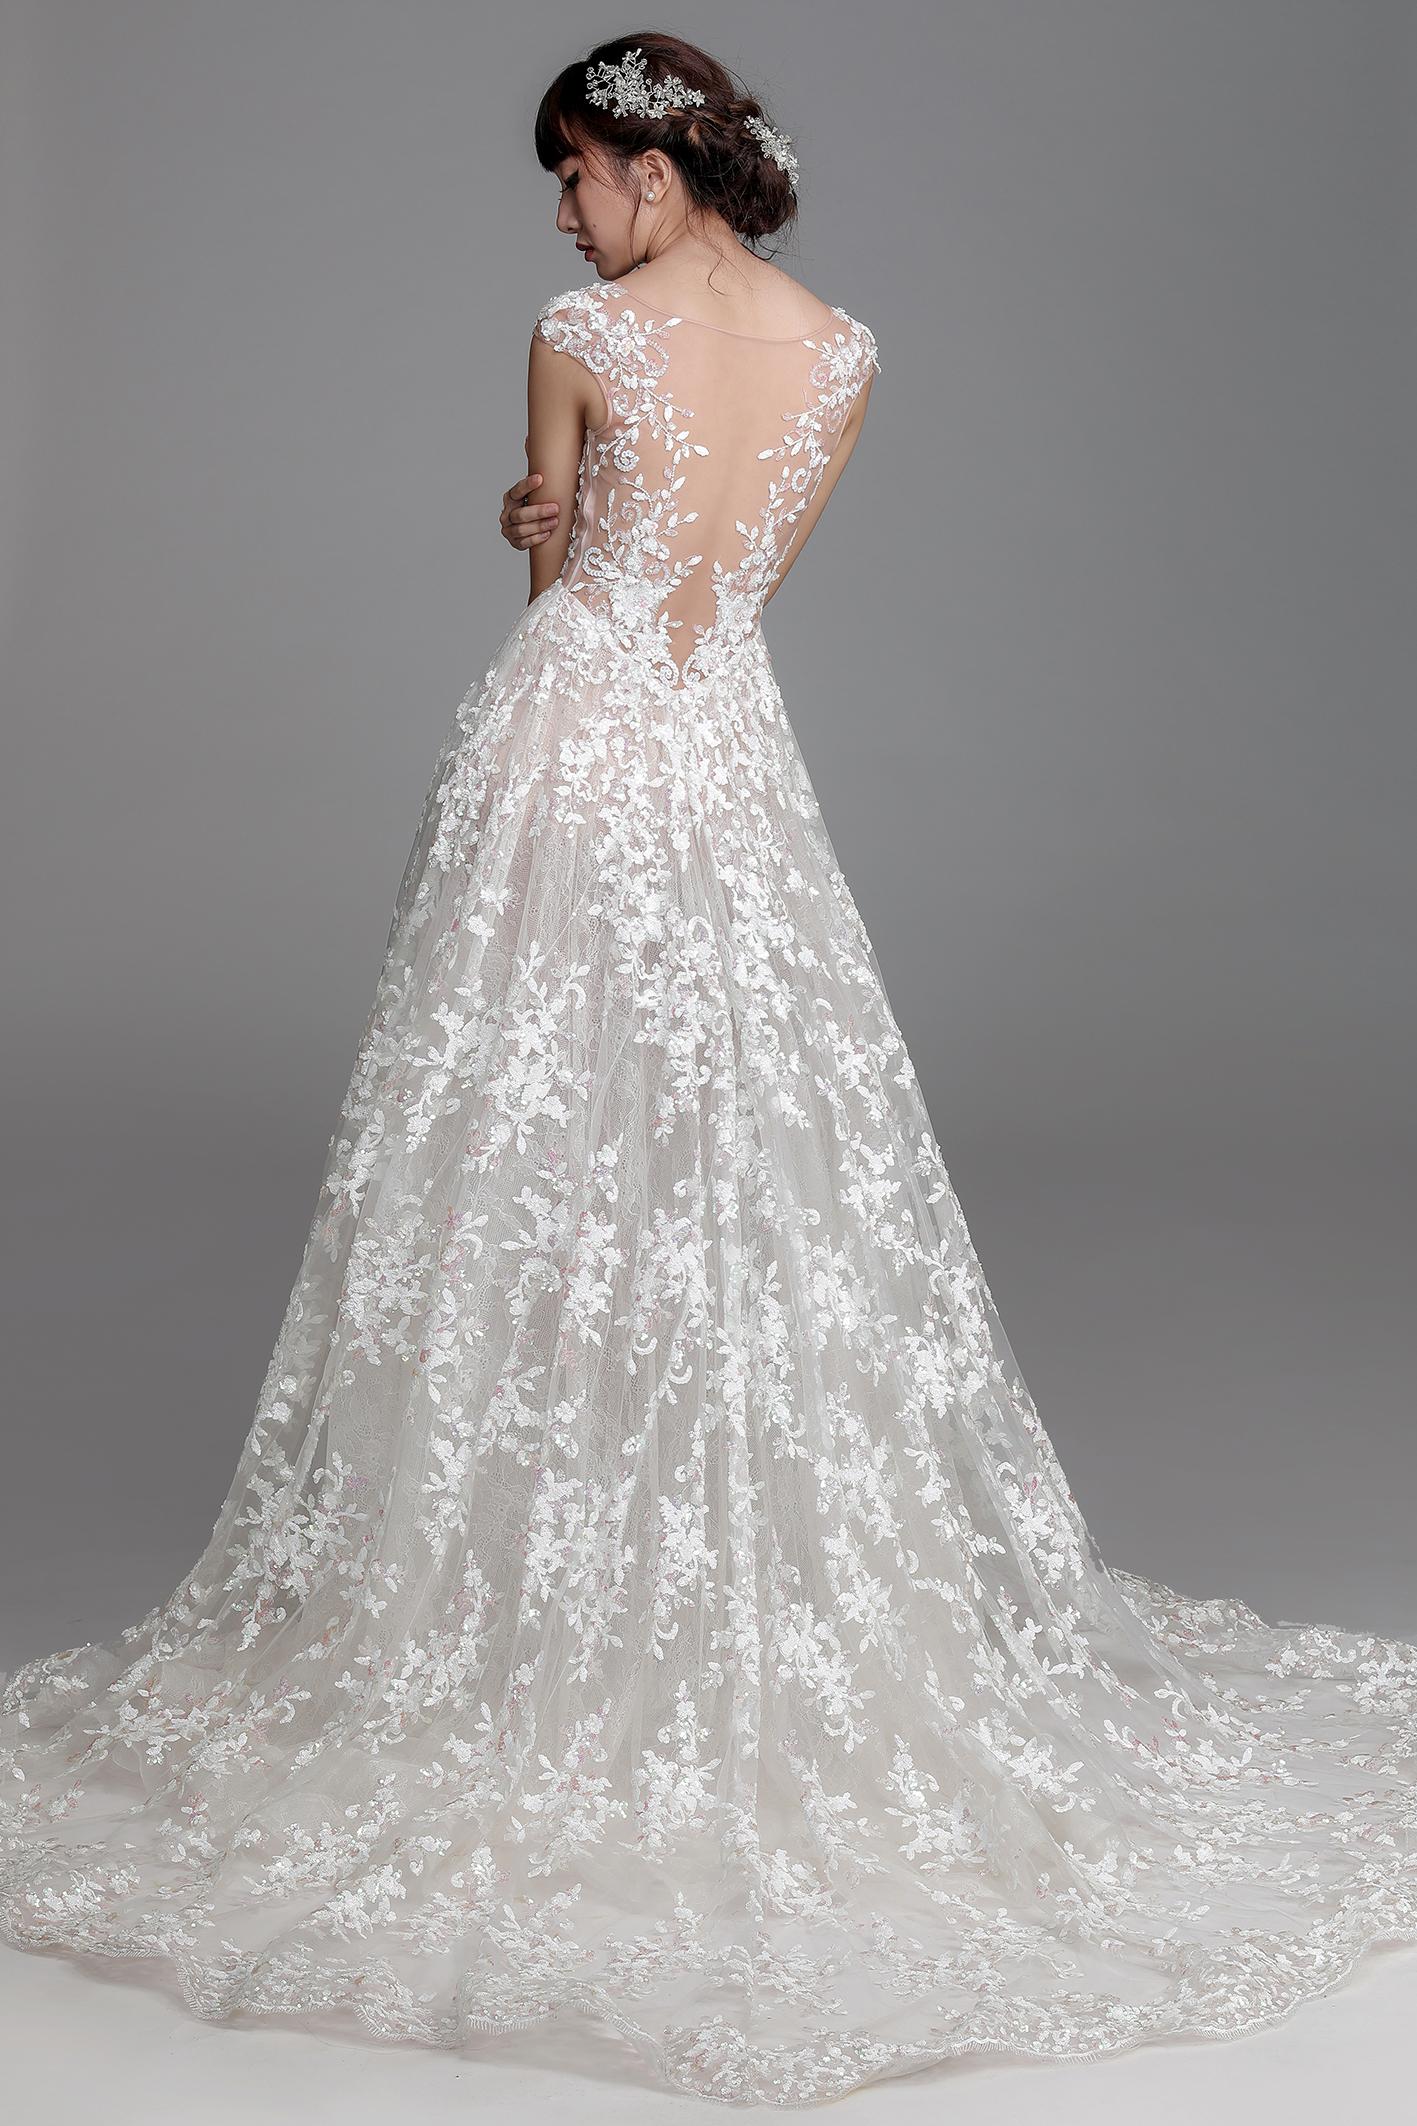 Chung thanh phong ra măt bst váy cưới ren 2017